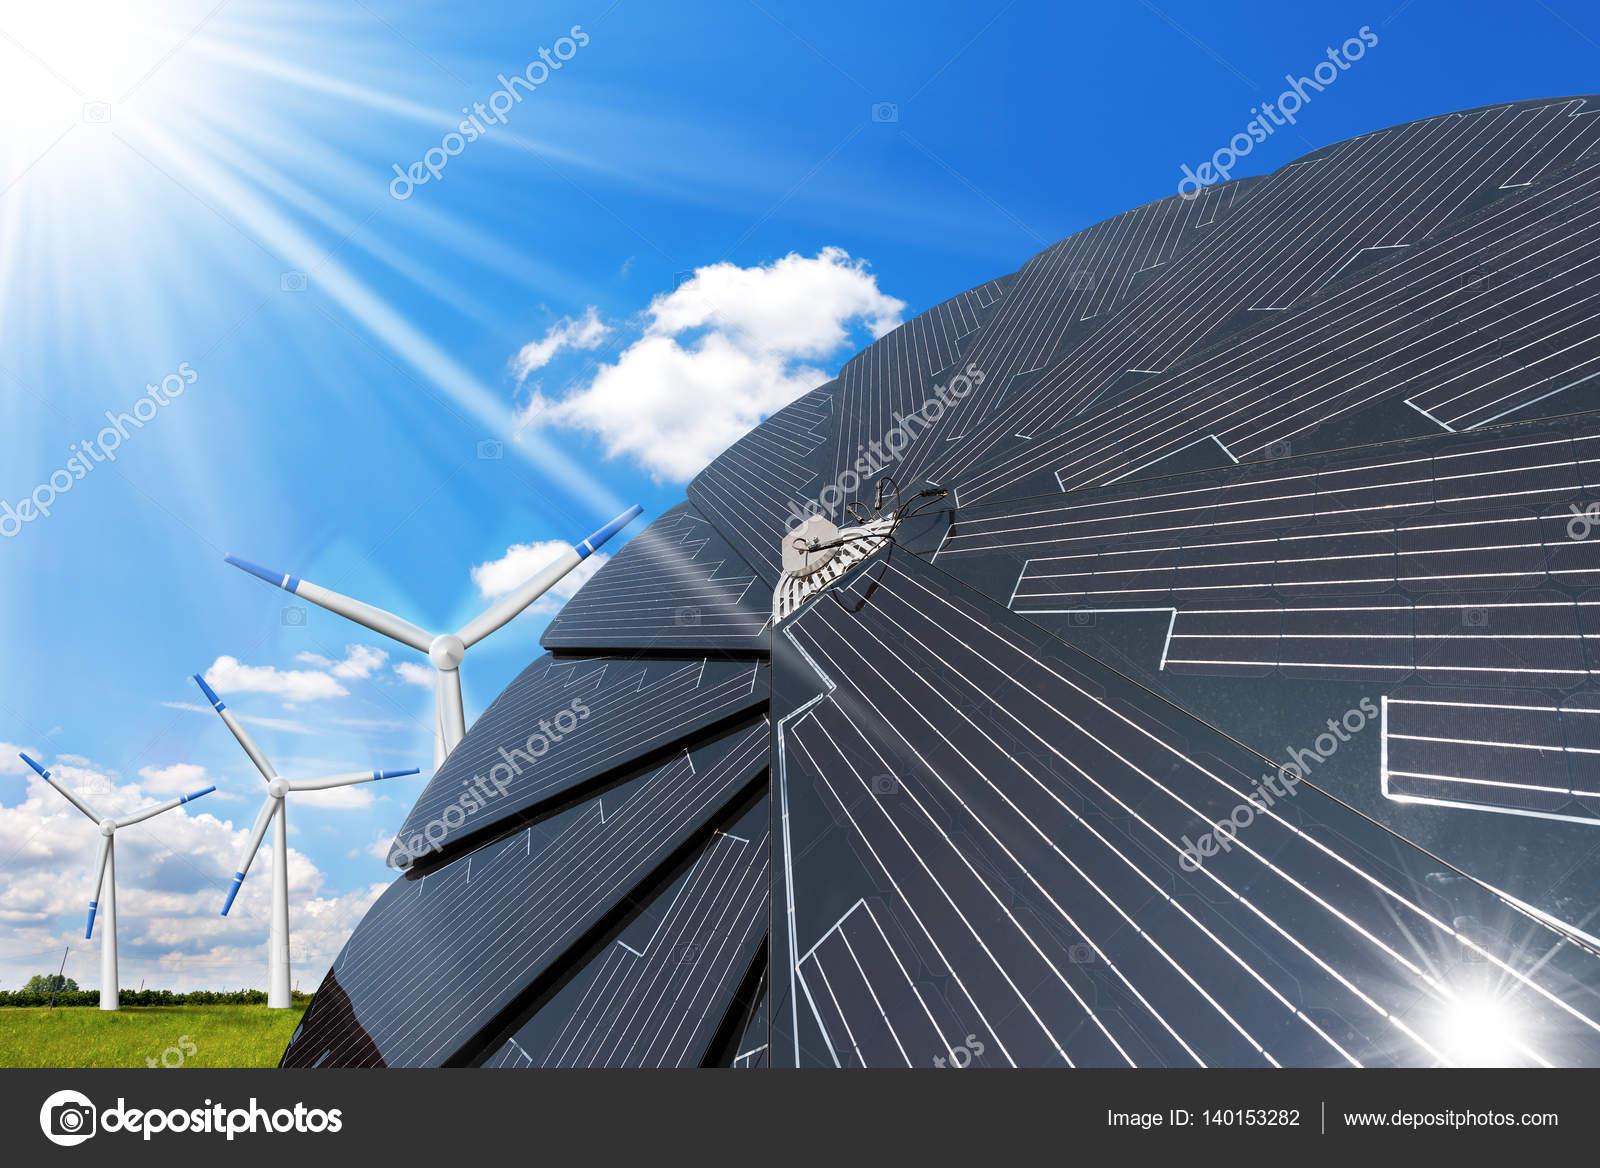 panneau solaire fleur with panneau solaire fleur beautiful autre vue with panneau solaire. Black Bedroom Furniture Sets. Home Design Ideas